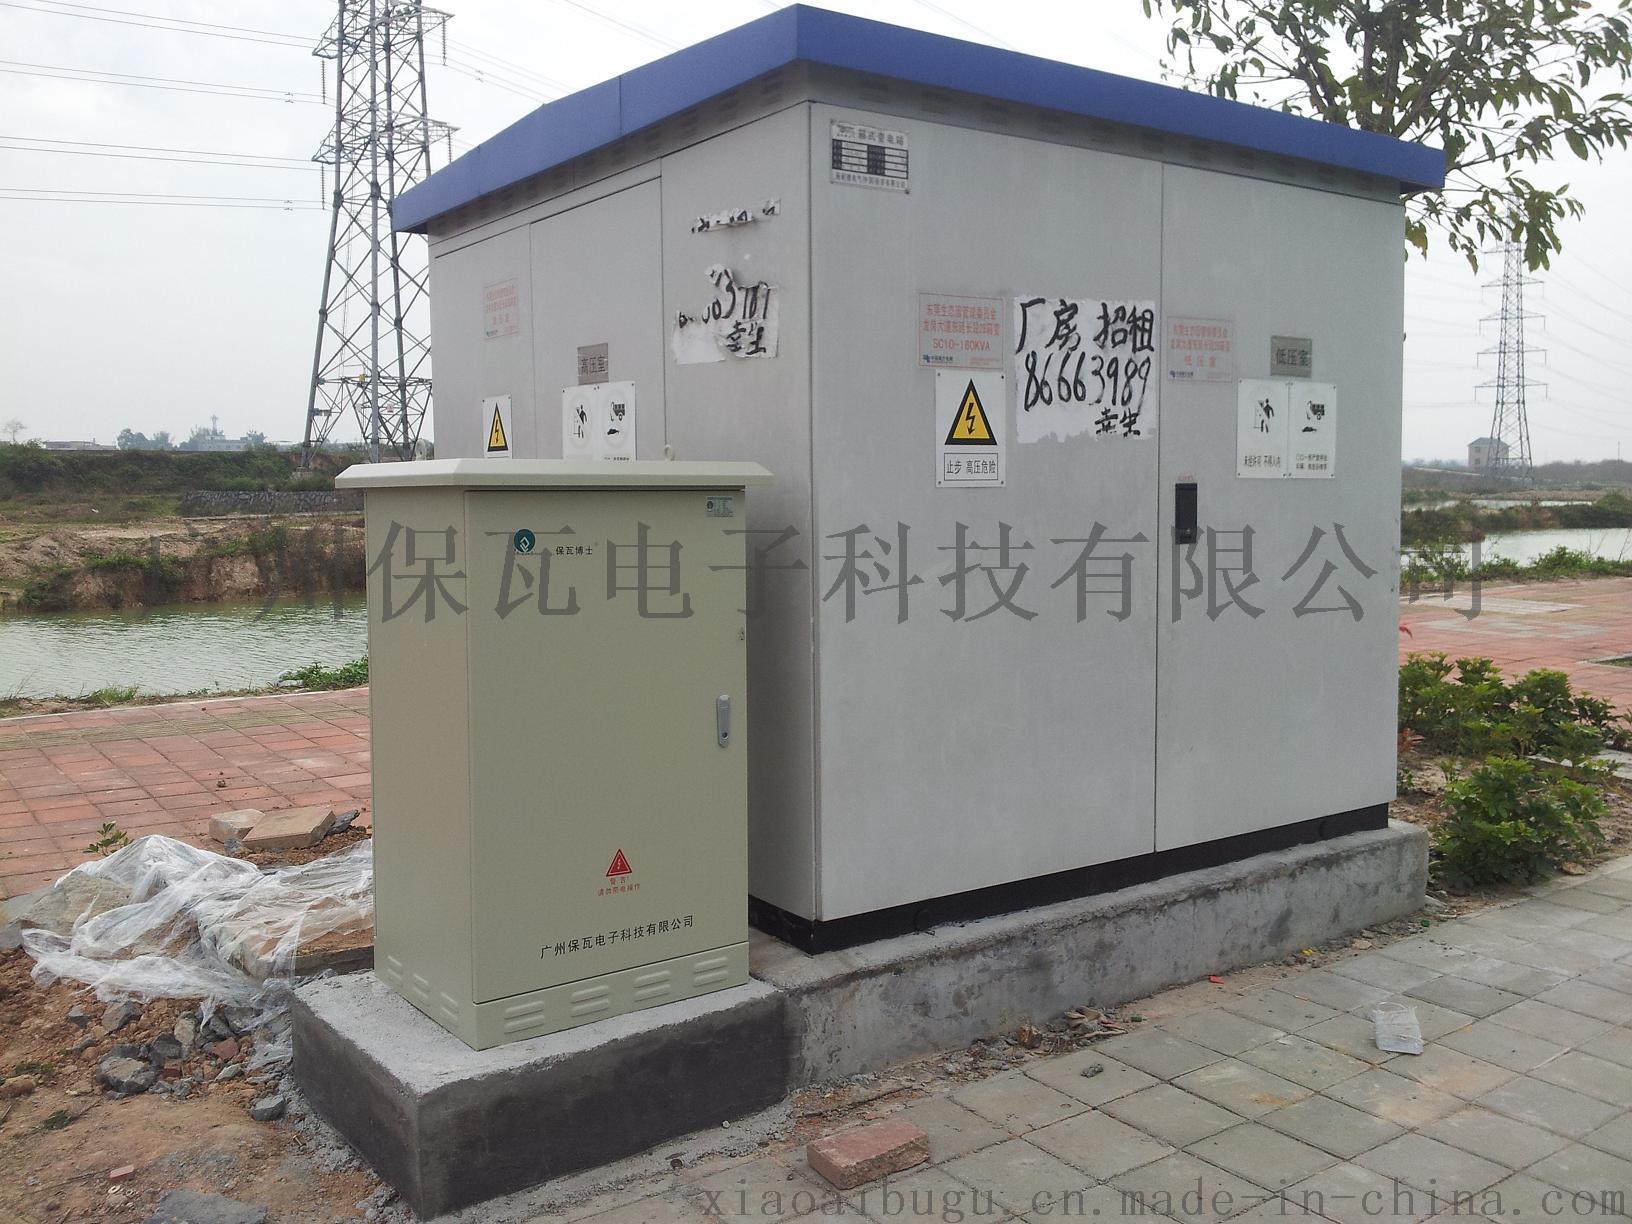 東莞生態園智慧照明節電器安裝現場1